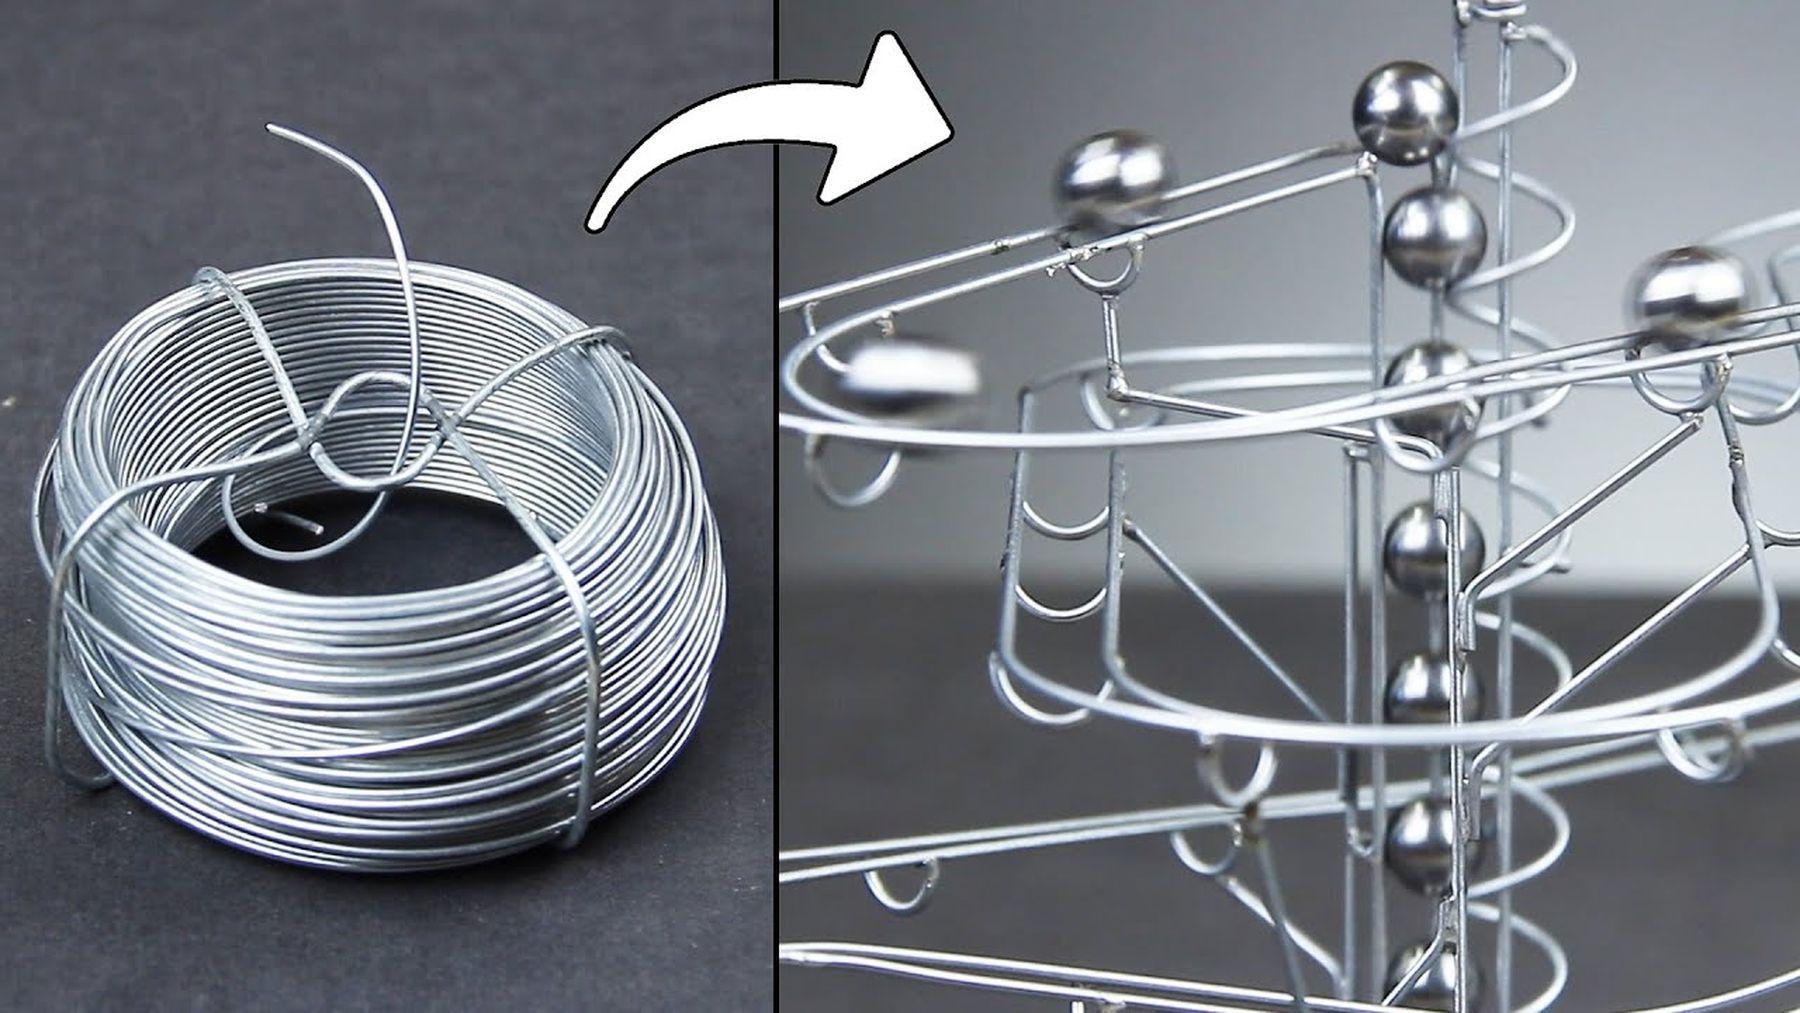 Eine Murmelbahn aus Stahldraht gebastelt | Handwerk | Was is hier eigentlich los?